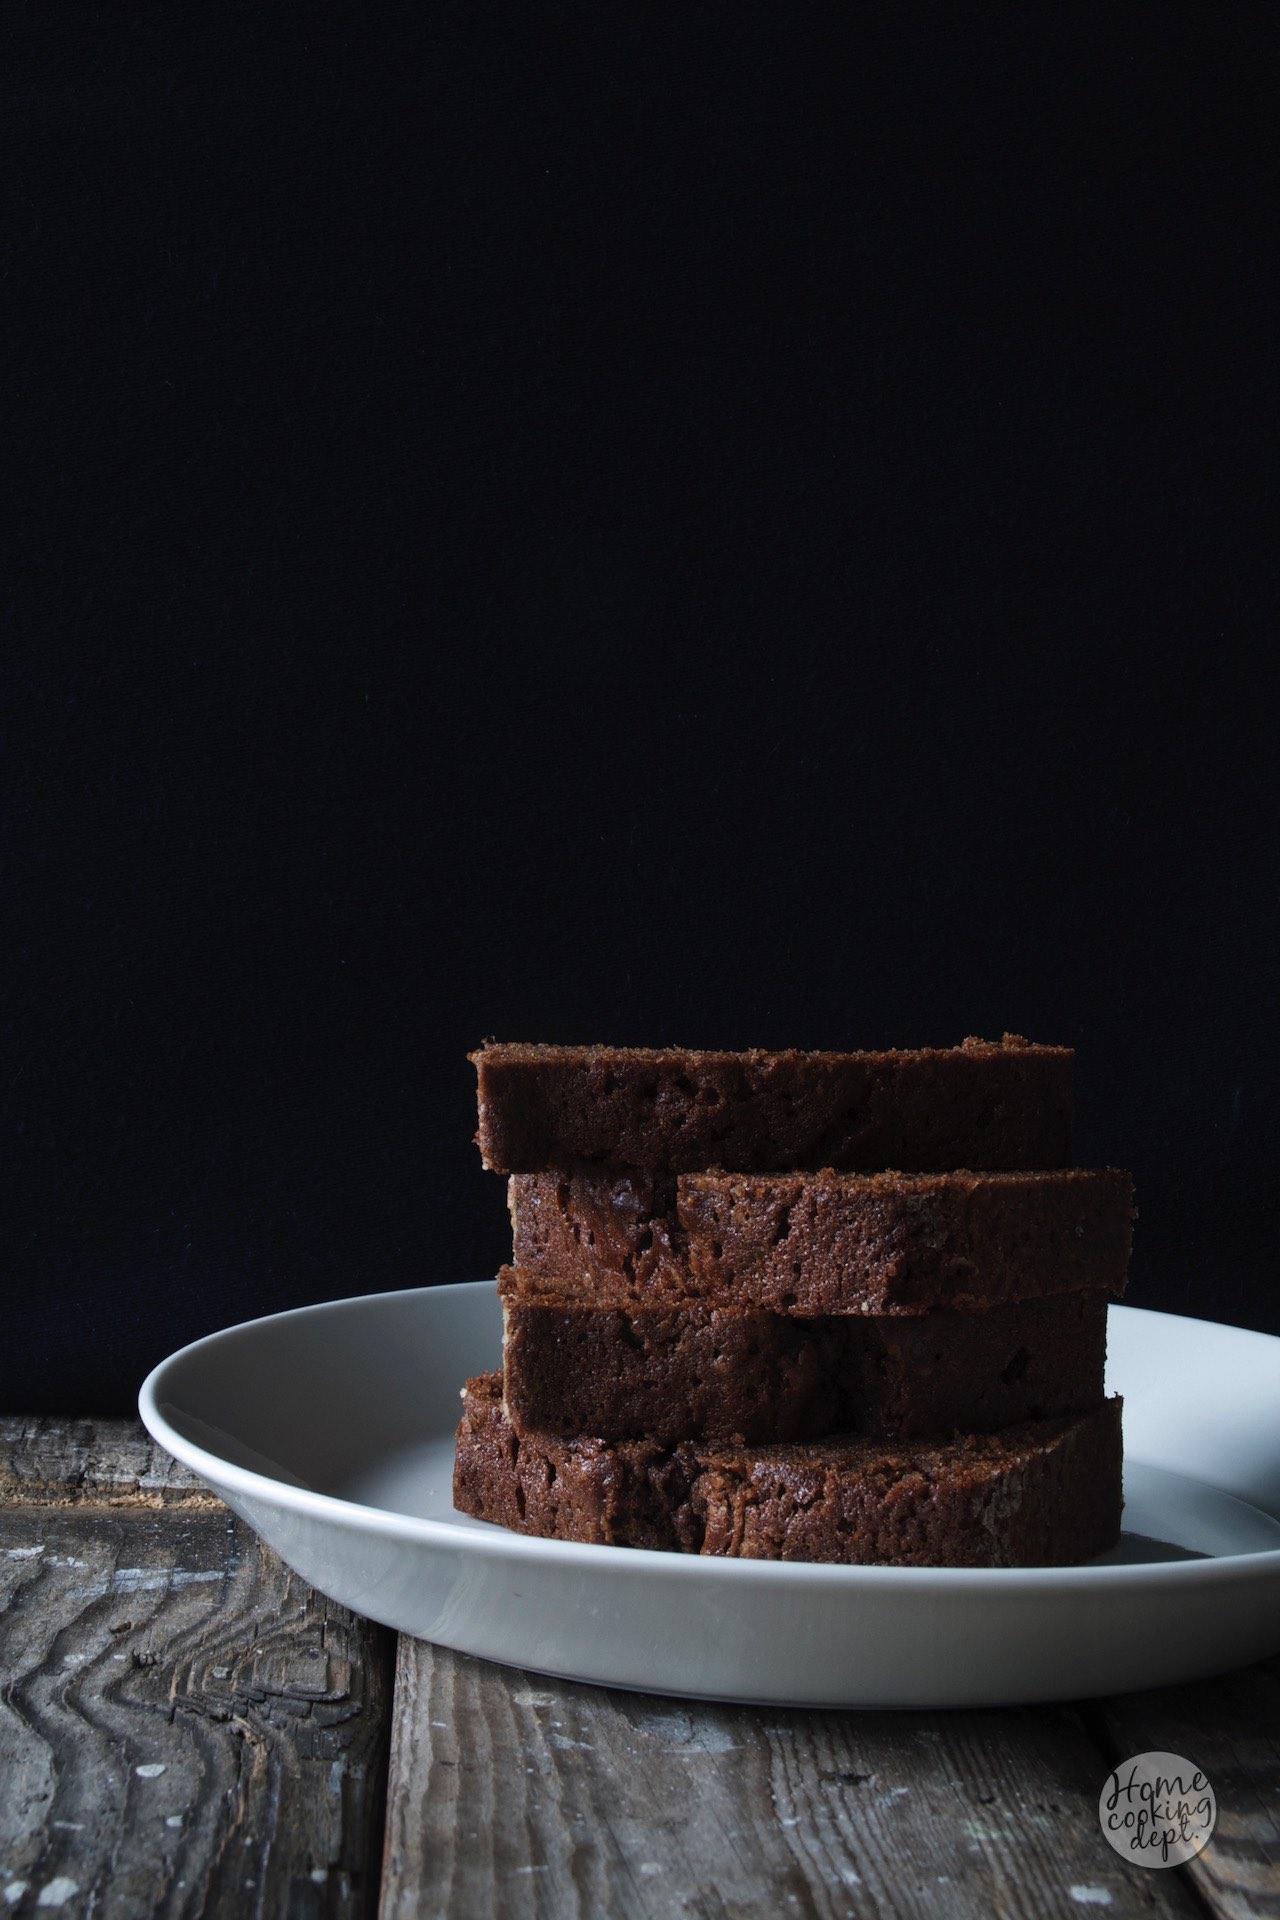 Weinig ingrediënten in huis & straks bezoek? Maak dan dit chocoladecake recept!